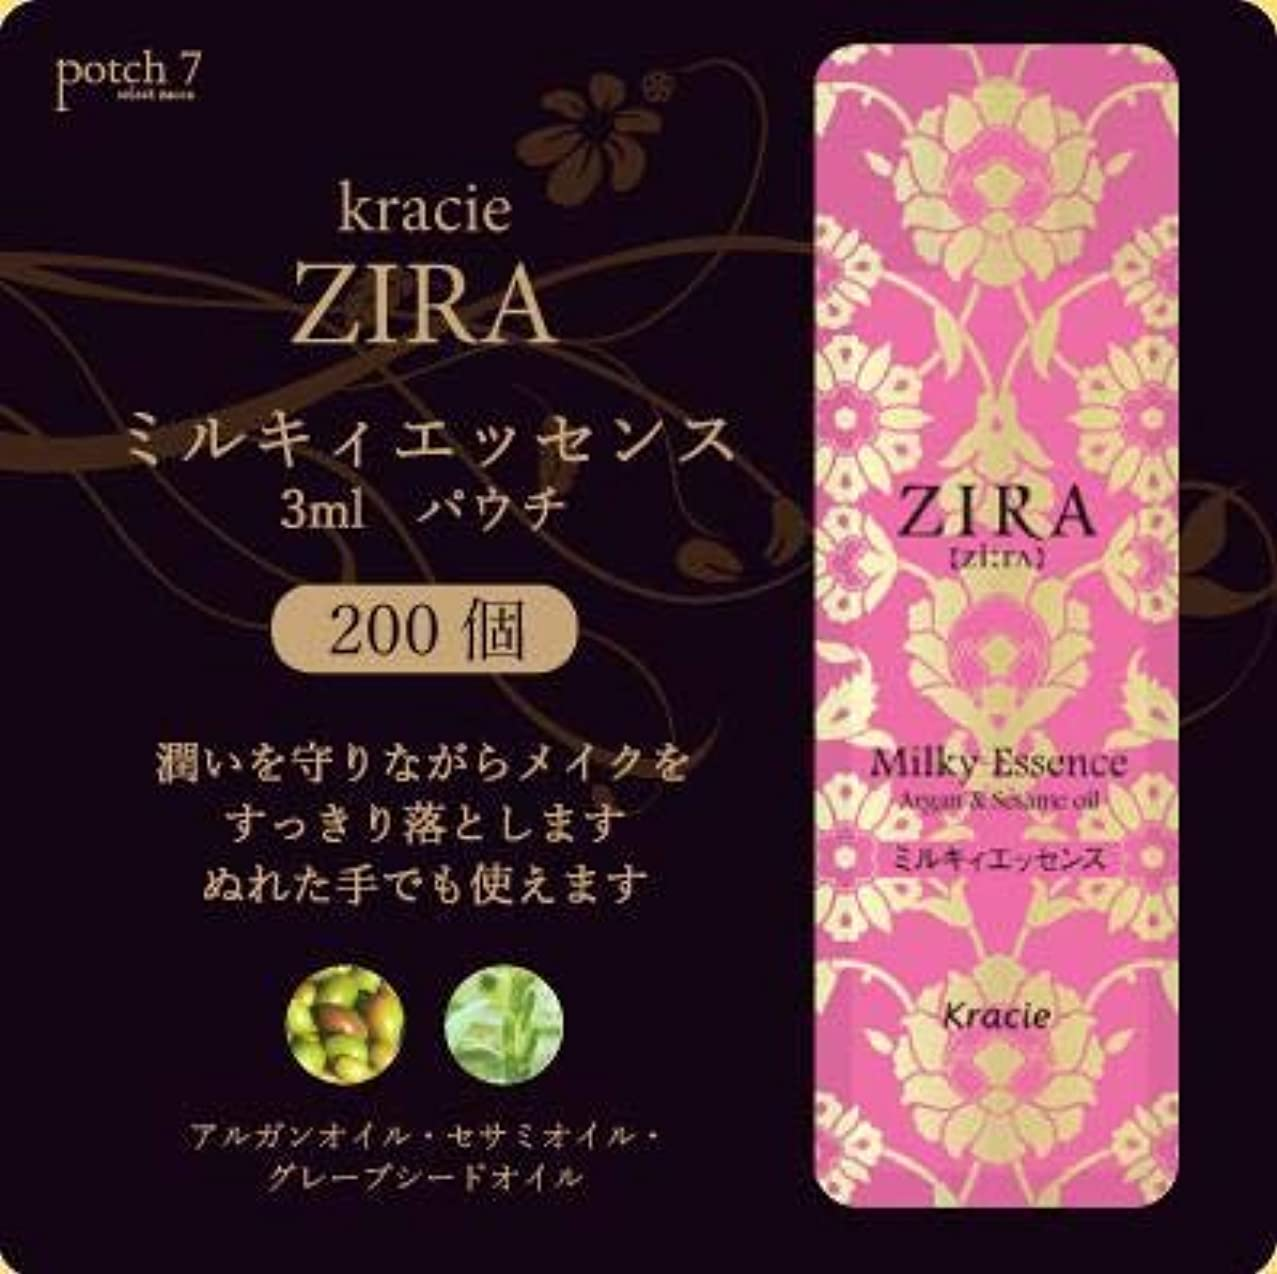 香ばしいショッピングセンターマイコンKracie クラシエ ZIRA ジーラ ミルキィエッセンス 美容液 パウチ 3ml 200個入